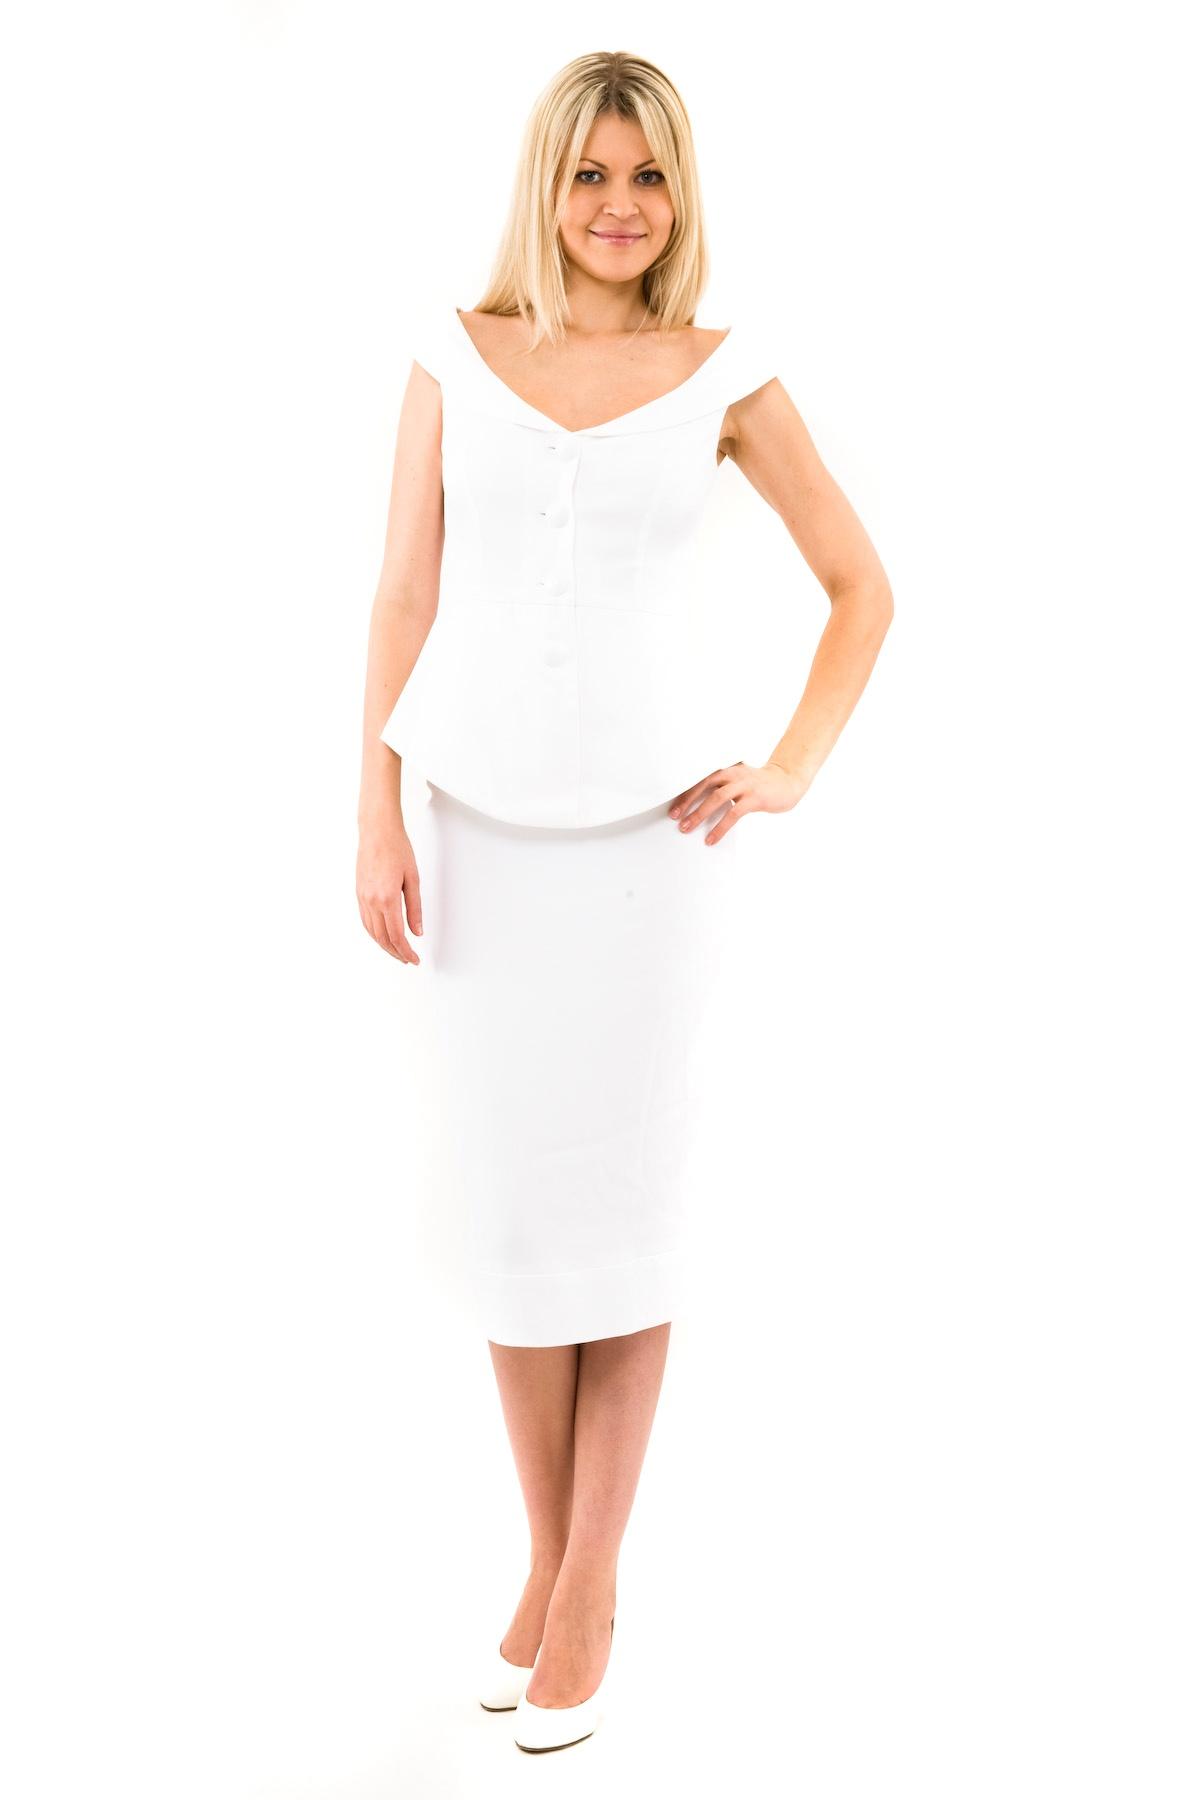 КостюмПлатья,  сарафаны<br>Изысканный фасон этого костюма Doctor Eне может не привлечь внимание, состоящий из жакета без рукавов и юбки, станет незаменимой вещью в гардеробе современной и уверенной женщины. Элегантная юбка Doctor Eактуальной длины выгодно подчеркнет красоту и дли<br><br>Цвет: белый<br>Состав: 99% вискоза, 1% лайкра<br>Размер: 40,42,44,46,48<br>Страна дизайна: Россия<br>Страна производства: Россия